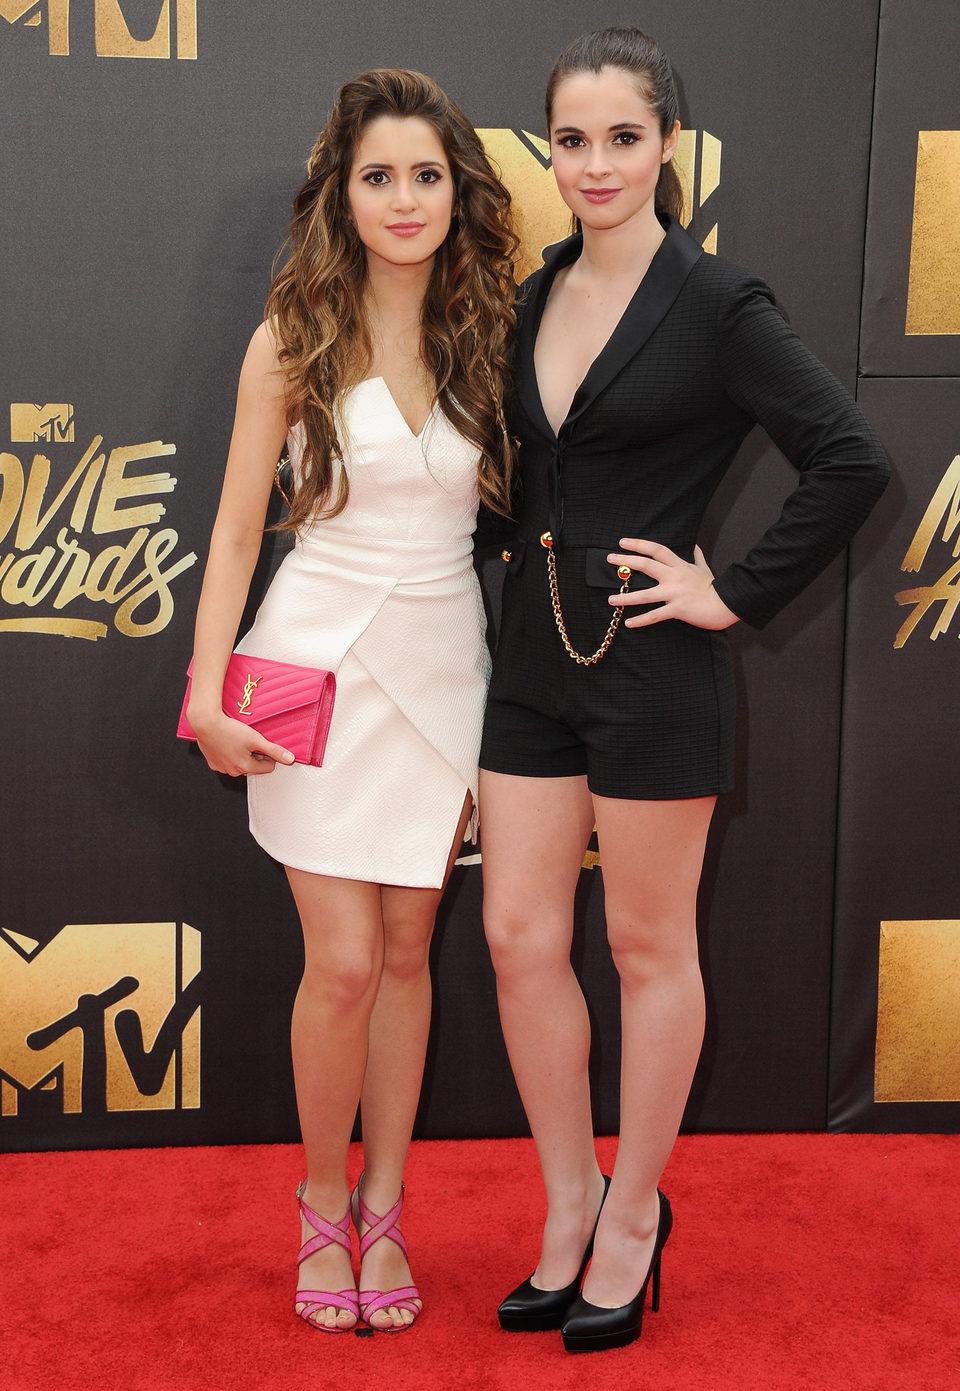 Laura y Vanessa Marano en la alfombra roja de los MTV Movie Awards 2016